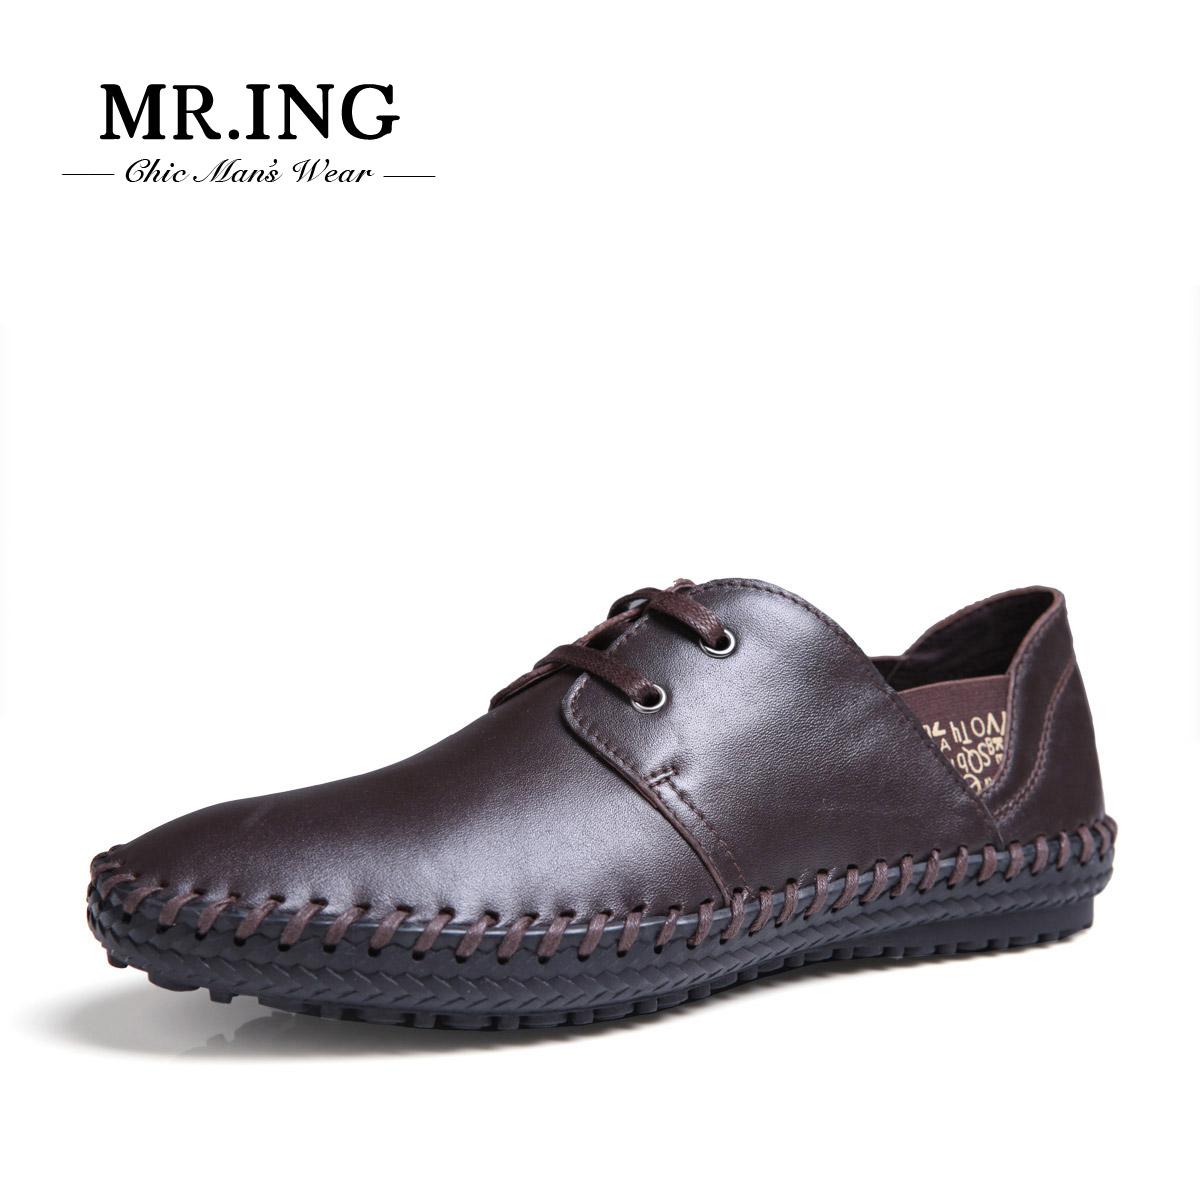 Демисезонные ботинки Mr. ing [F1327] Mr.ing F1370 Для отдыха Верхний слой из натуральной кожи Круглый носок Шнурок Весна и осень